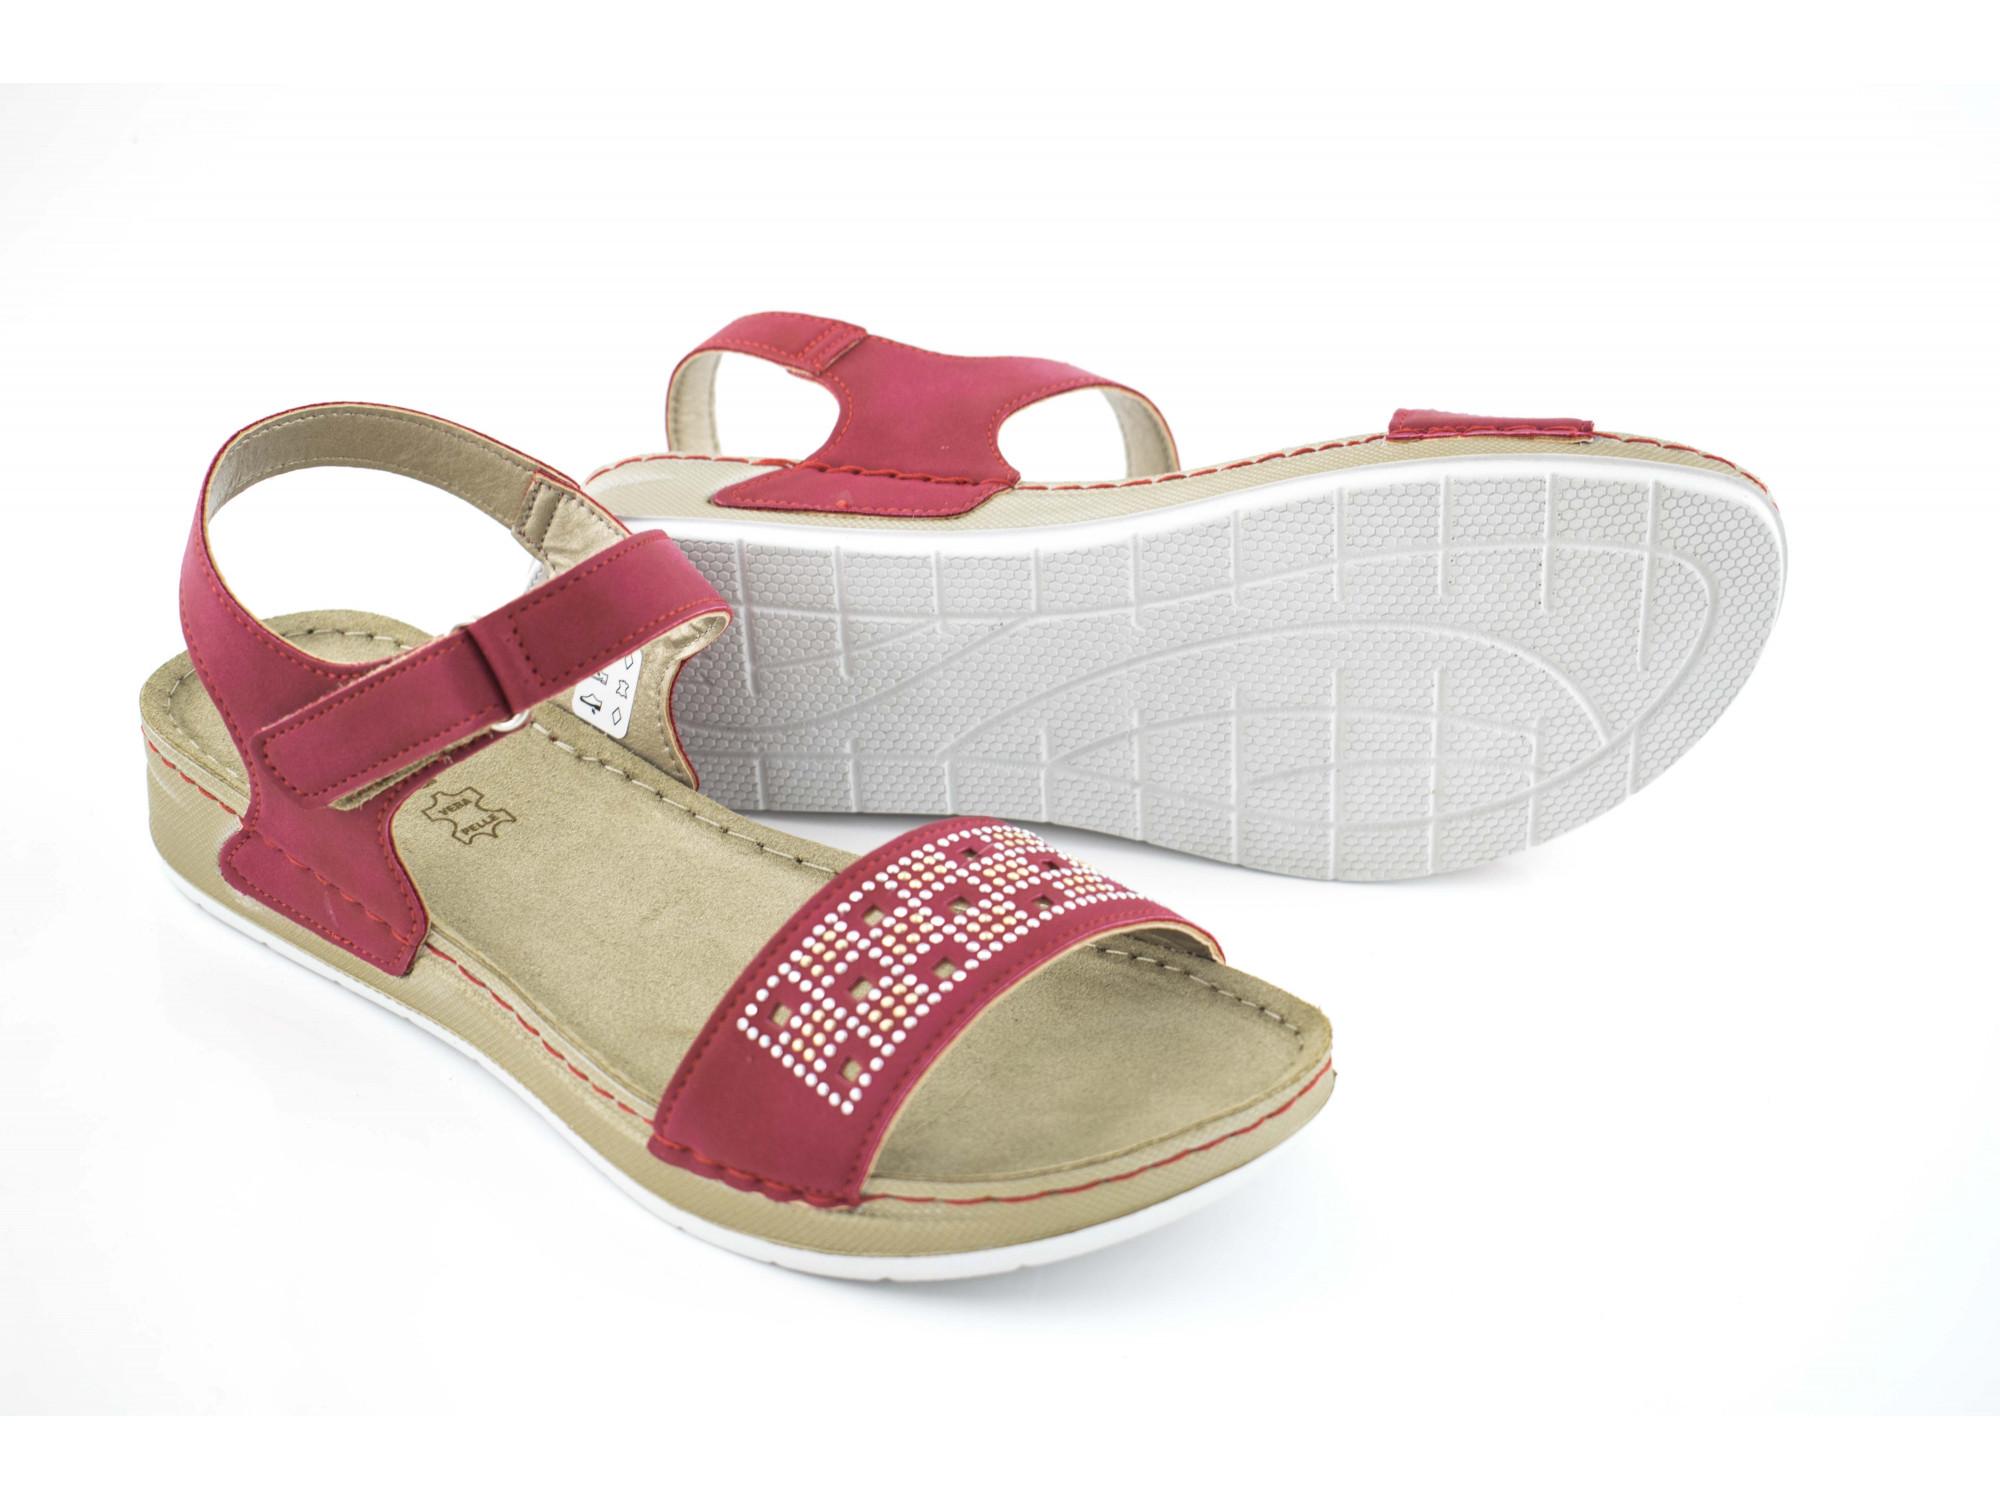 Босоножки Inblu PE-1U red